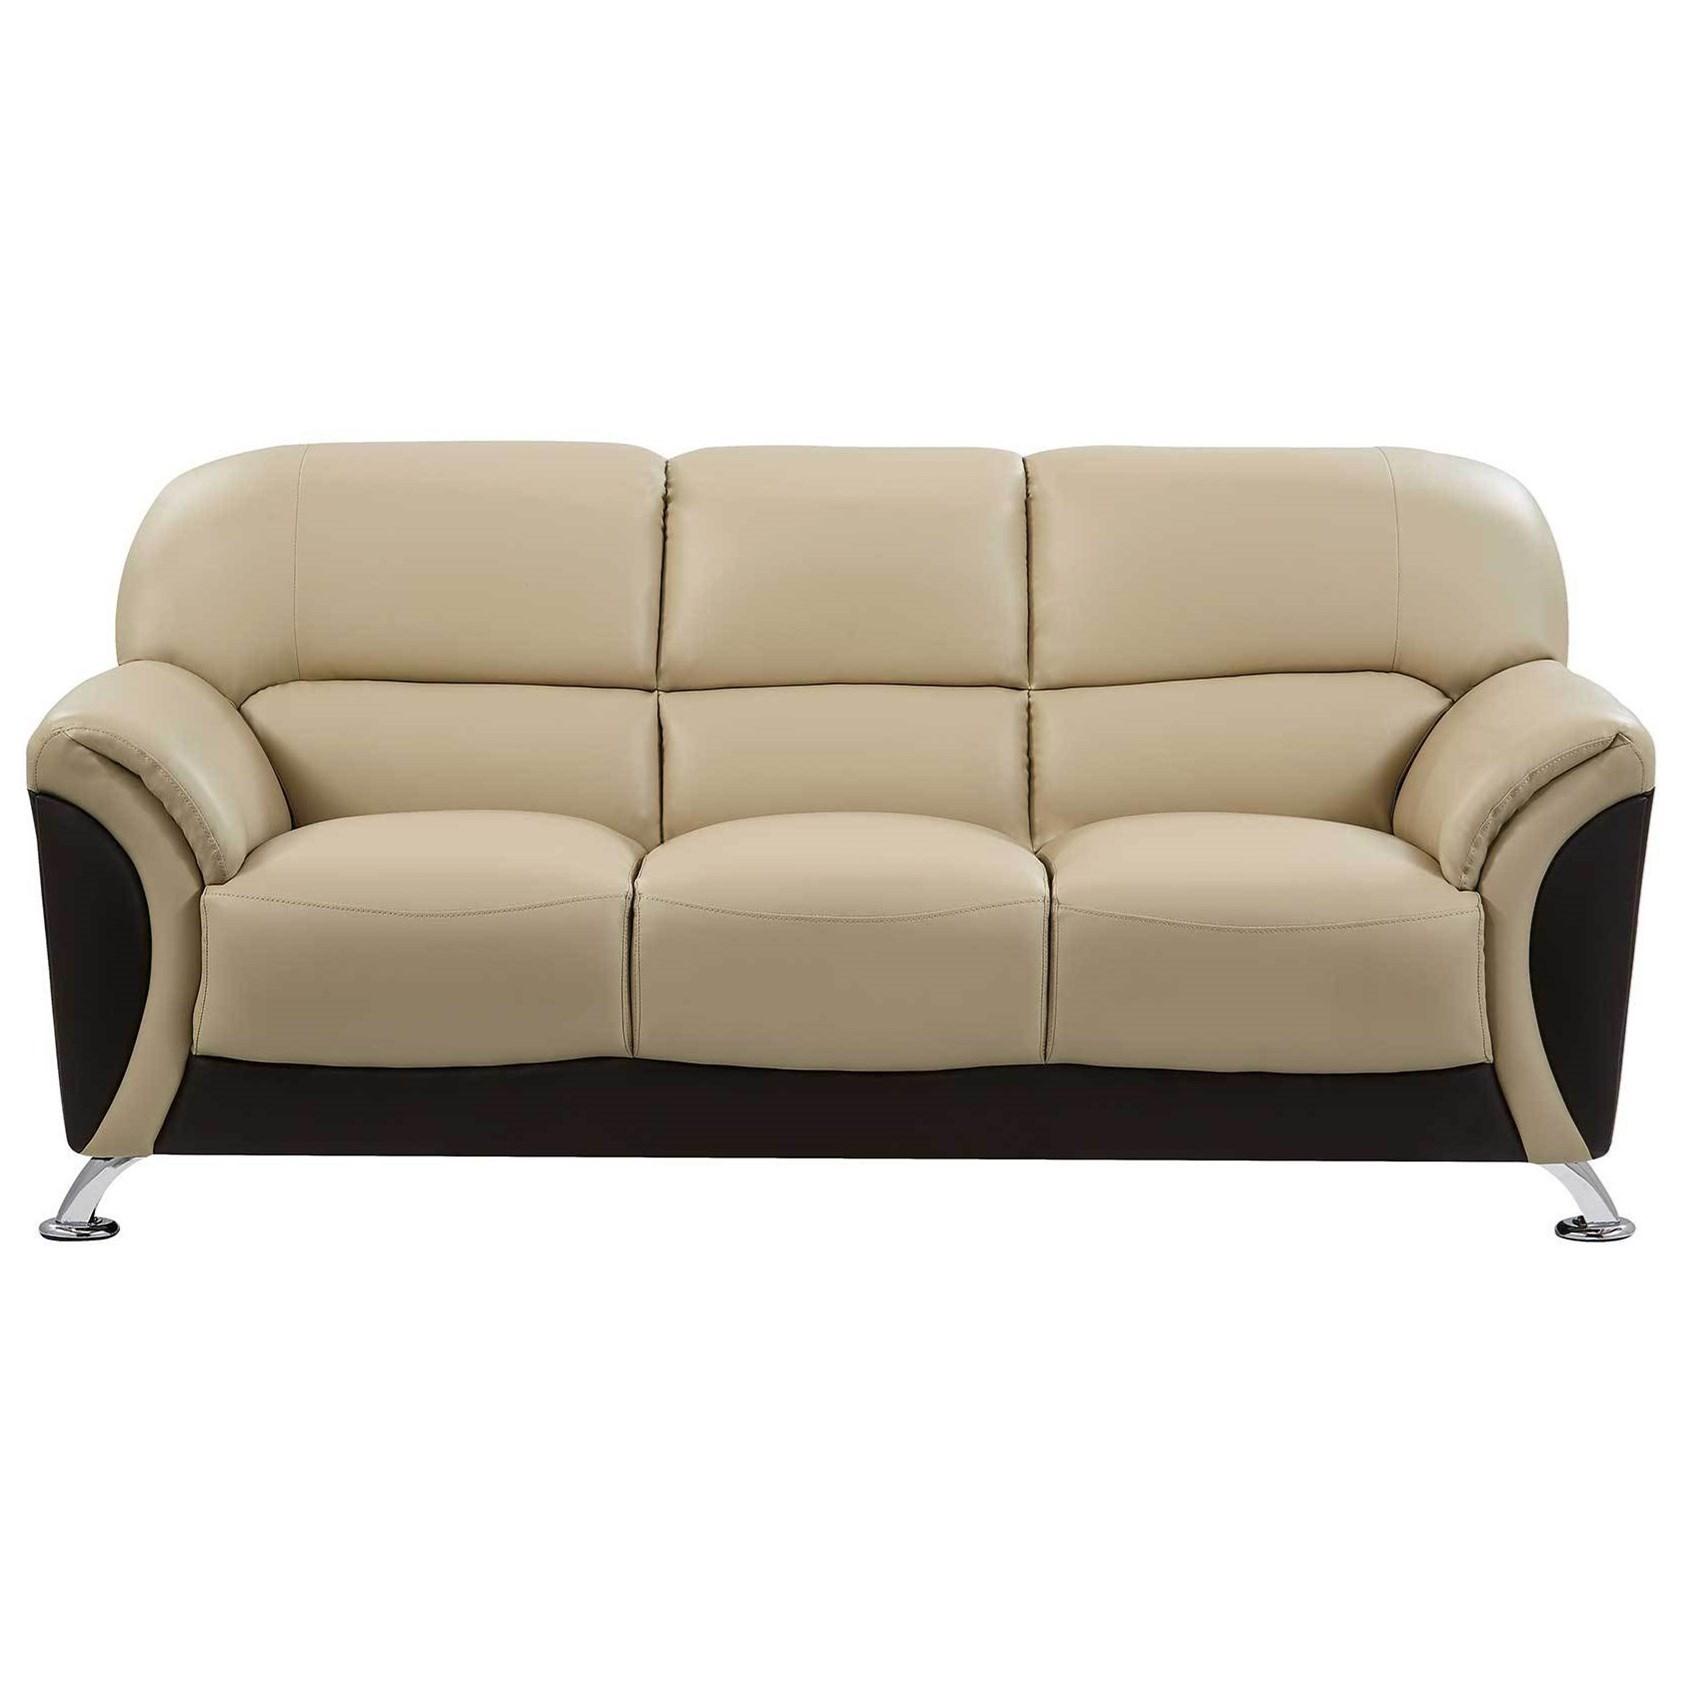 Sofa with Chrome Legs